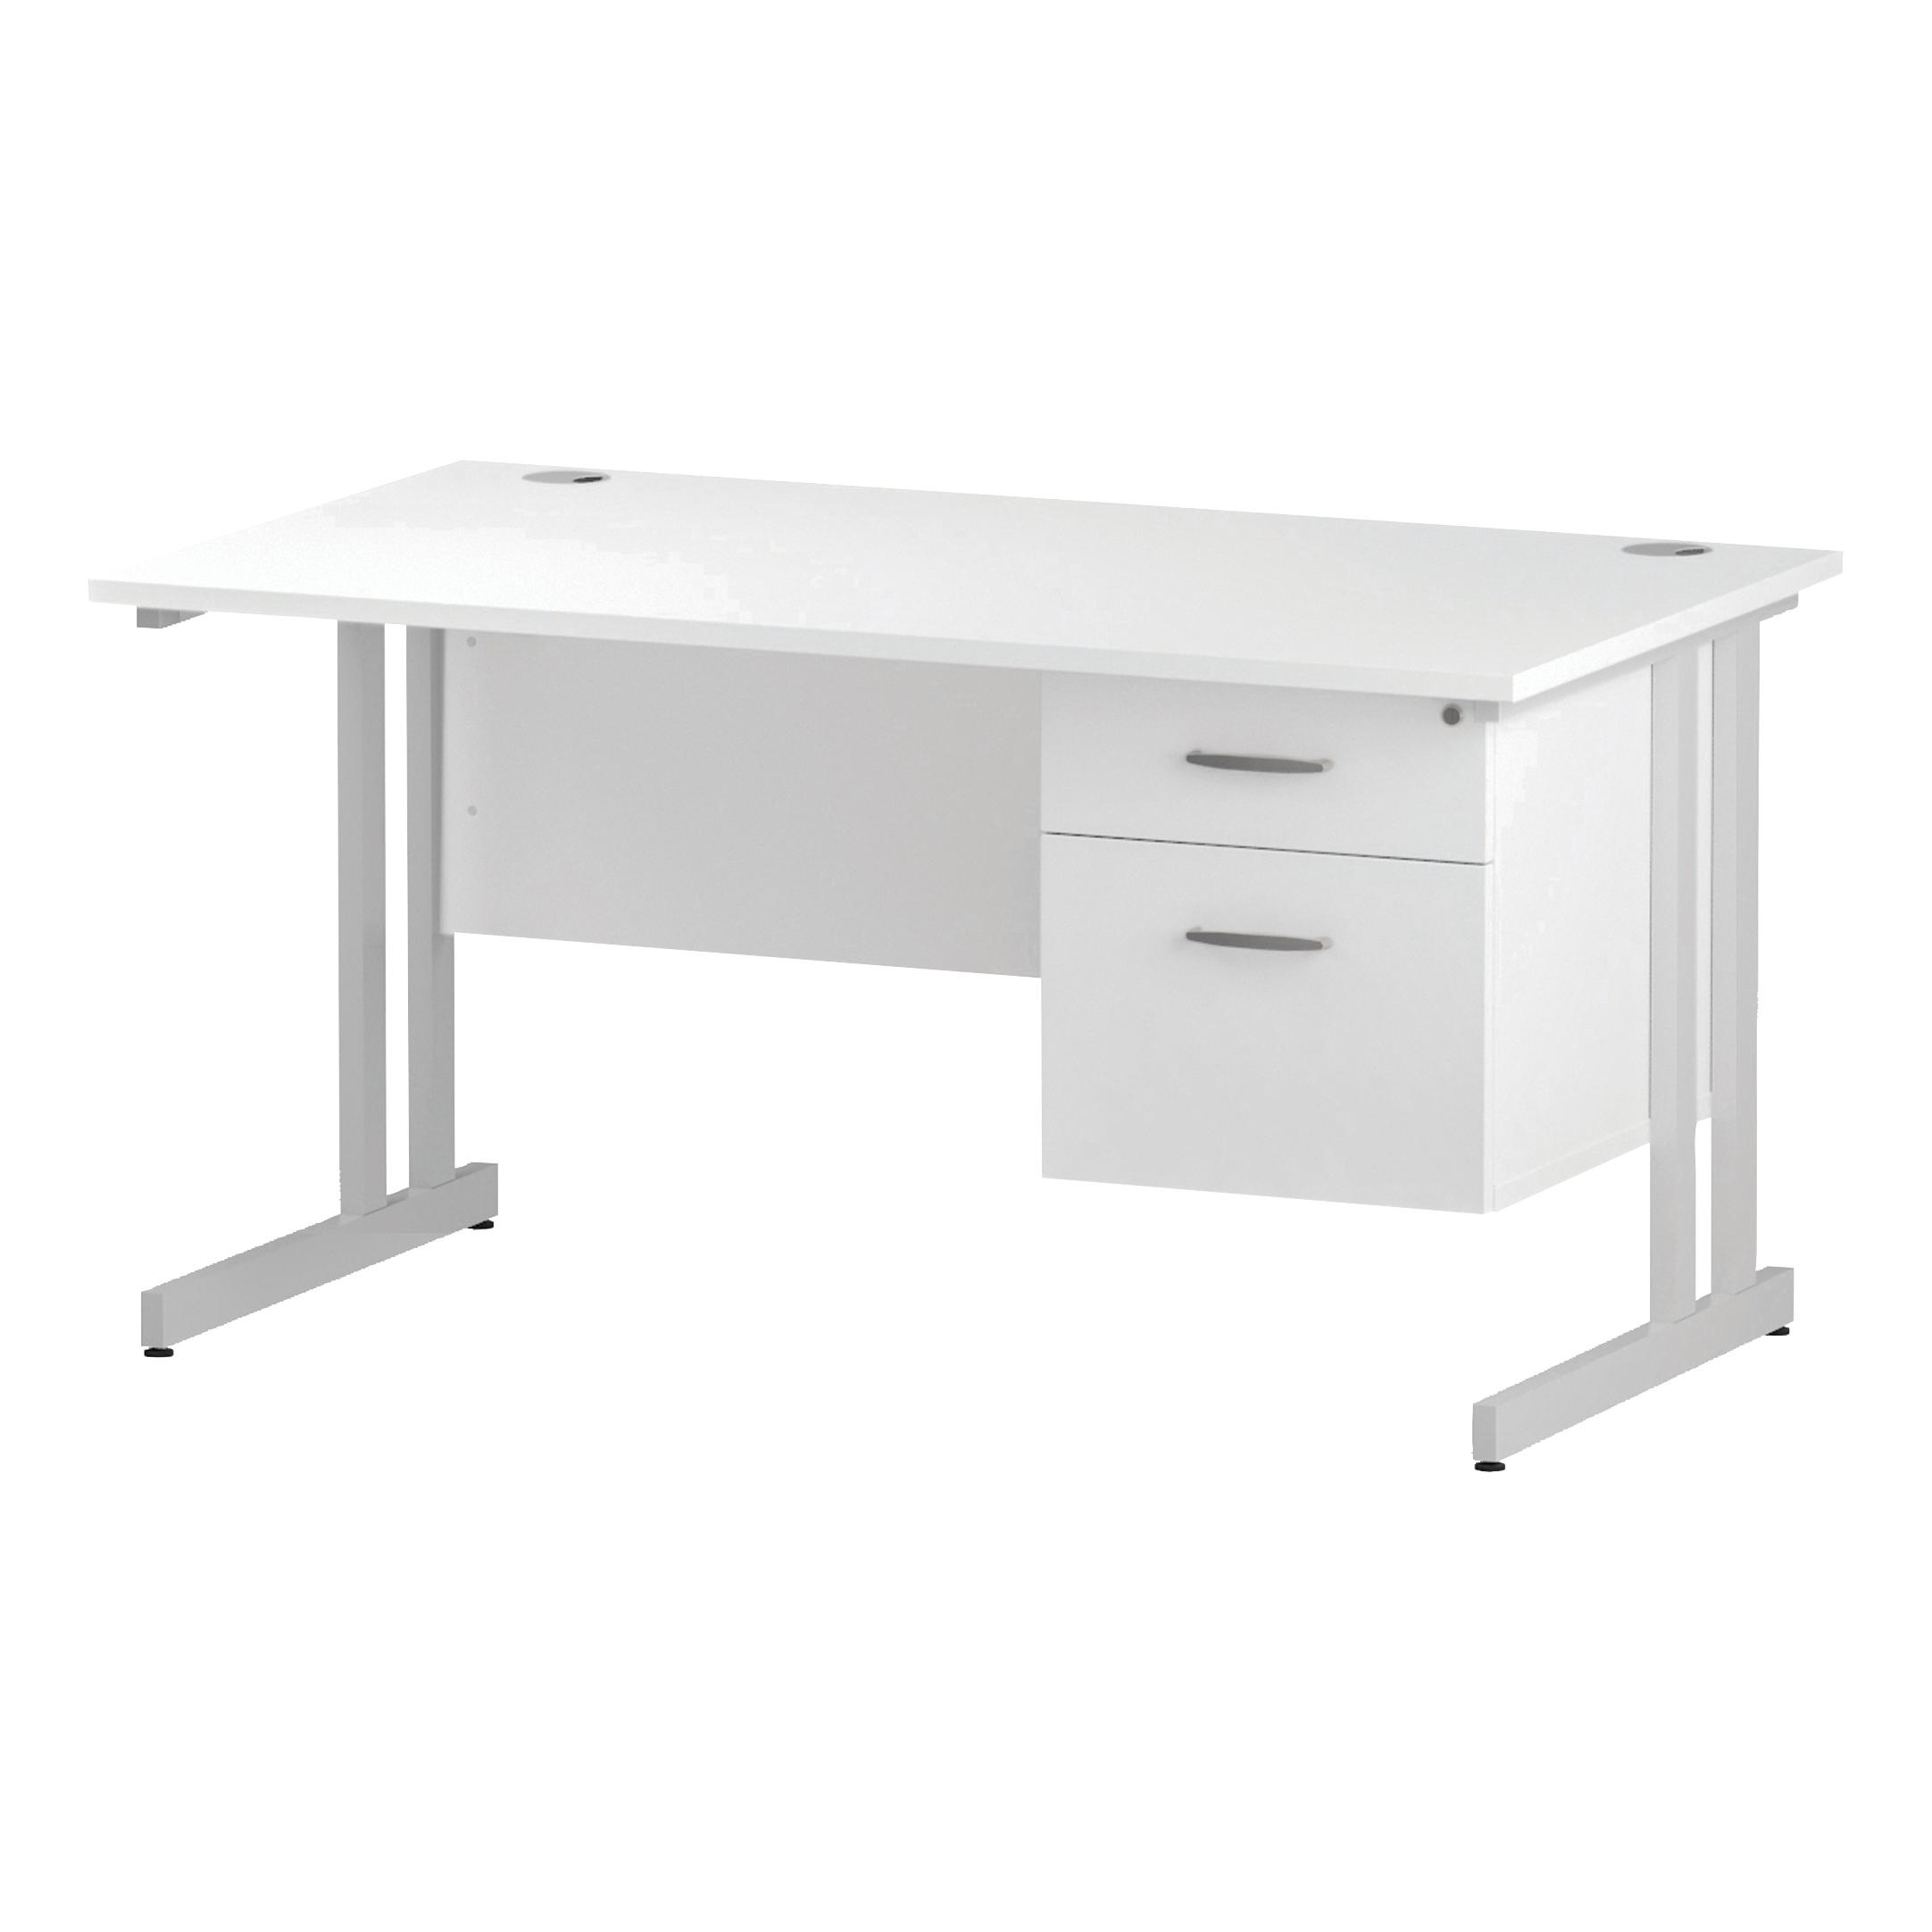 Trexus Rectangular Desk White Cantilever Leg 1400x800mm Fixed Pedestal 2 Drawers White Ref I002210